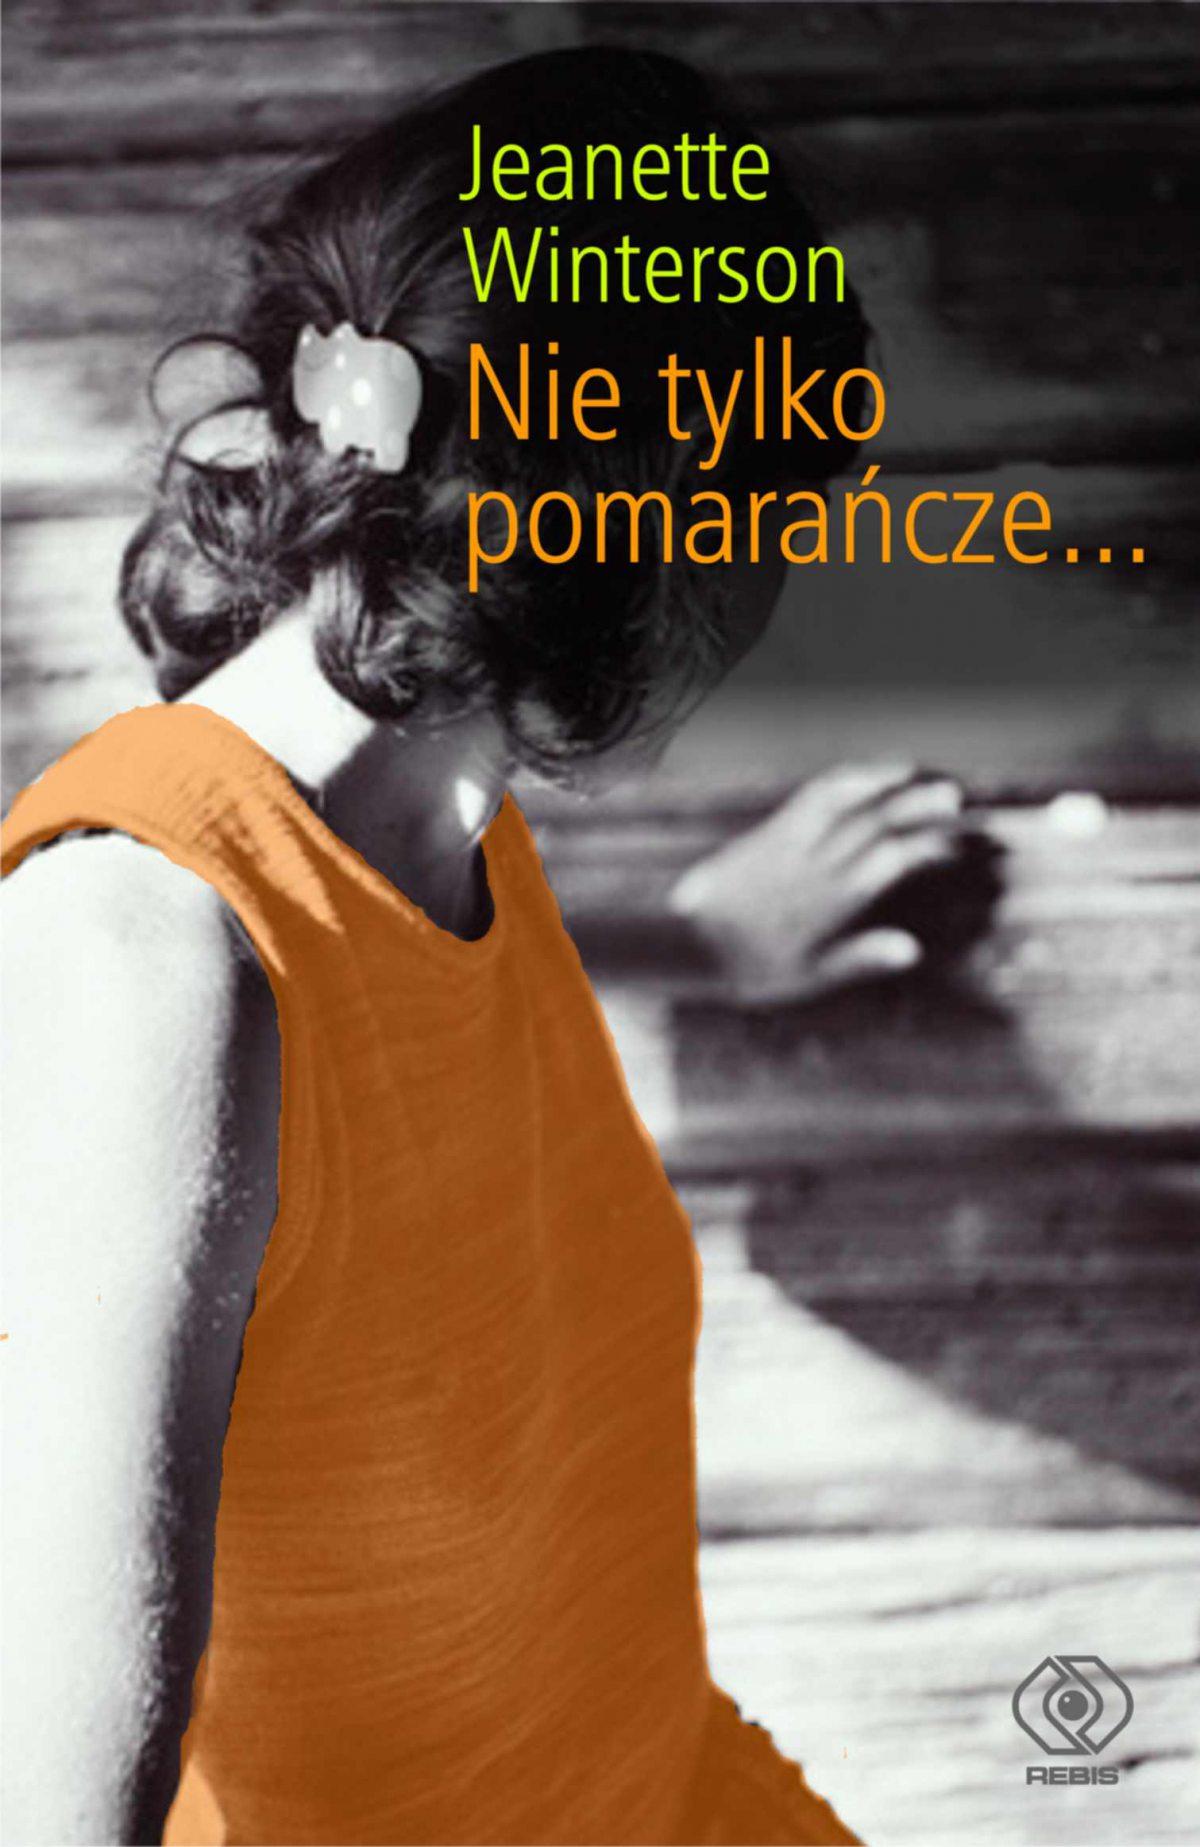 Nie tylko pomarańcze - Ebook (Książka EPUB) do pobrania w formacie EPUB